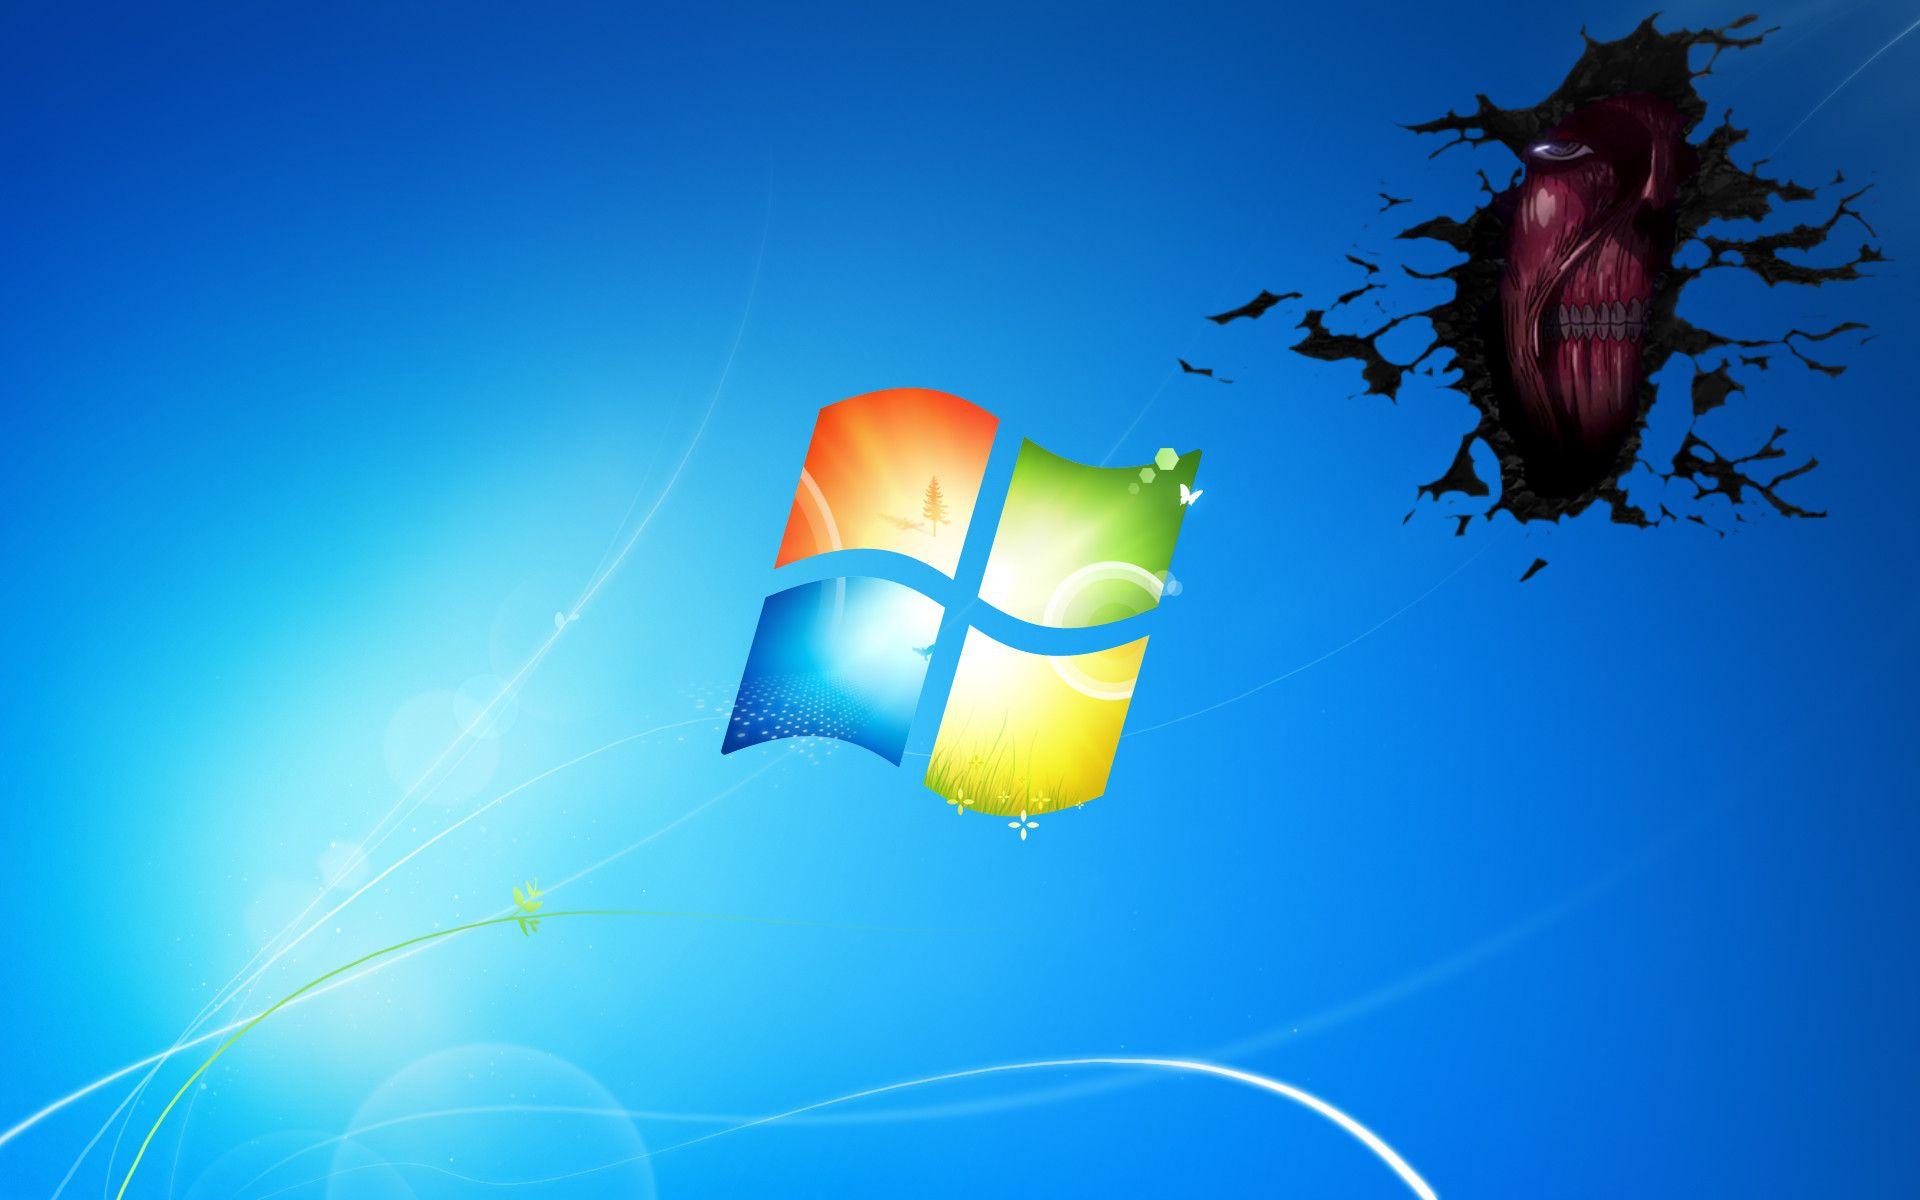 Coolest Desktop Wallpapers   Top Coolest Desktop Backgrounds 1920x1200